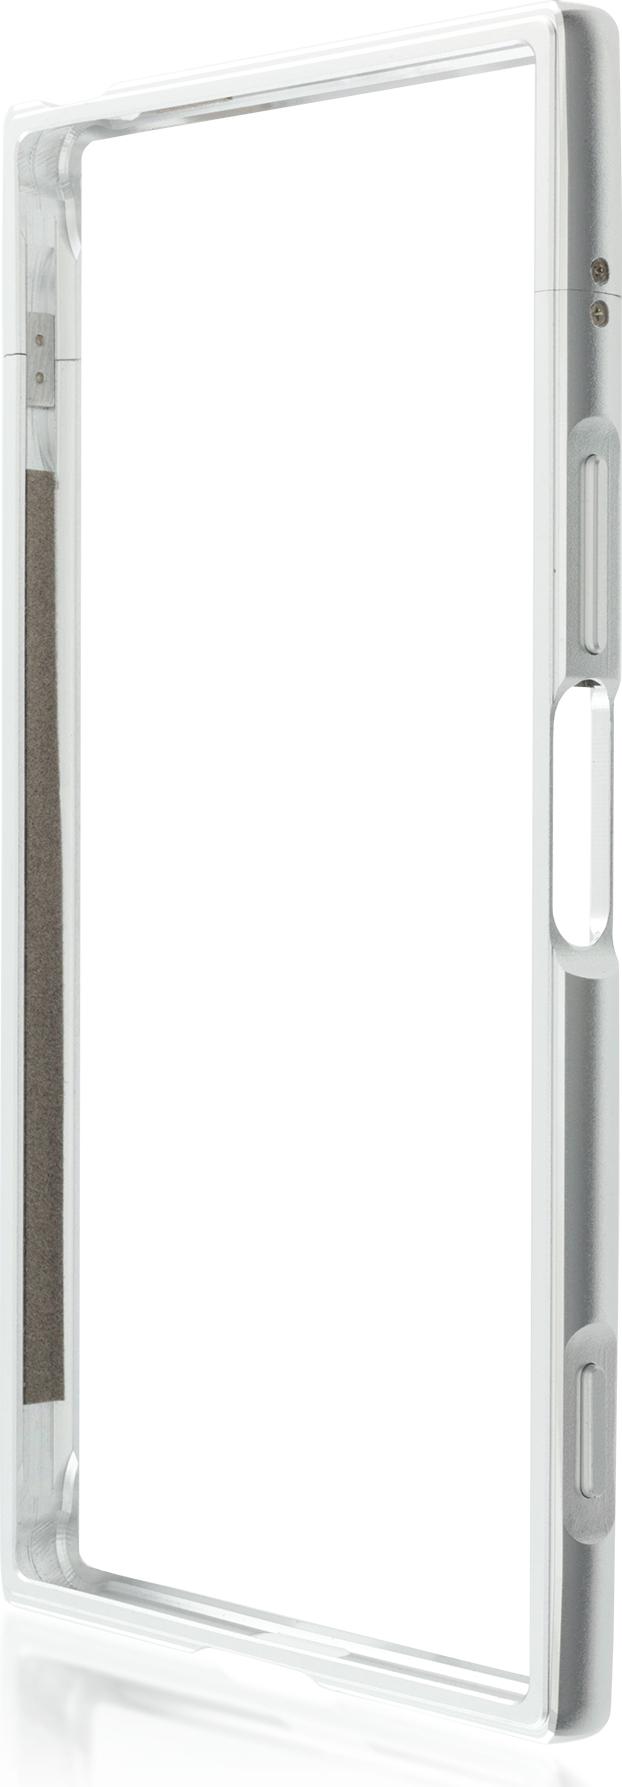 Чехол Brosco BMP для Sony Xperia XZ Premium, серебристый аксессуар чехол sony xperia x brosco silver x bmp silver